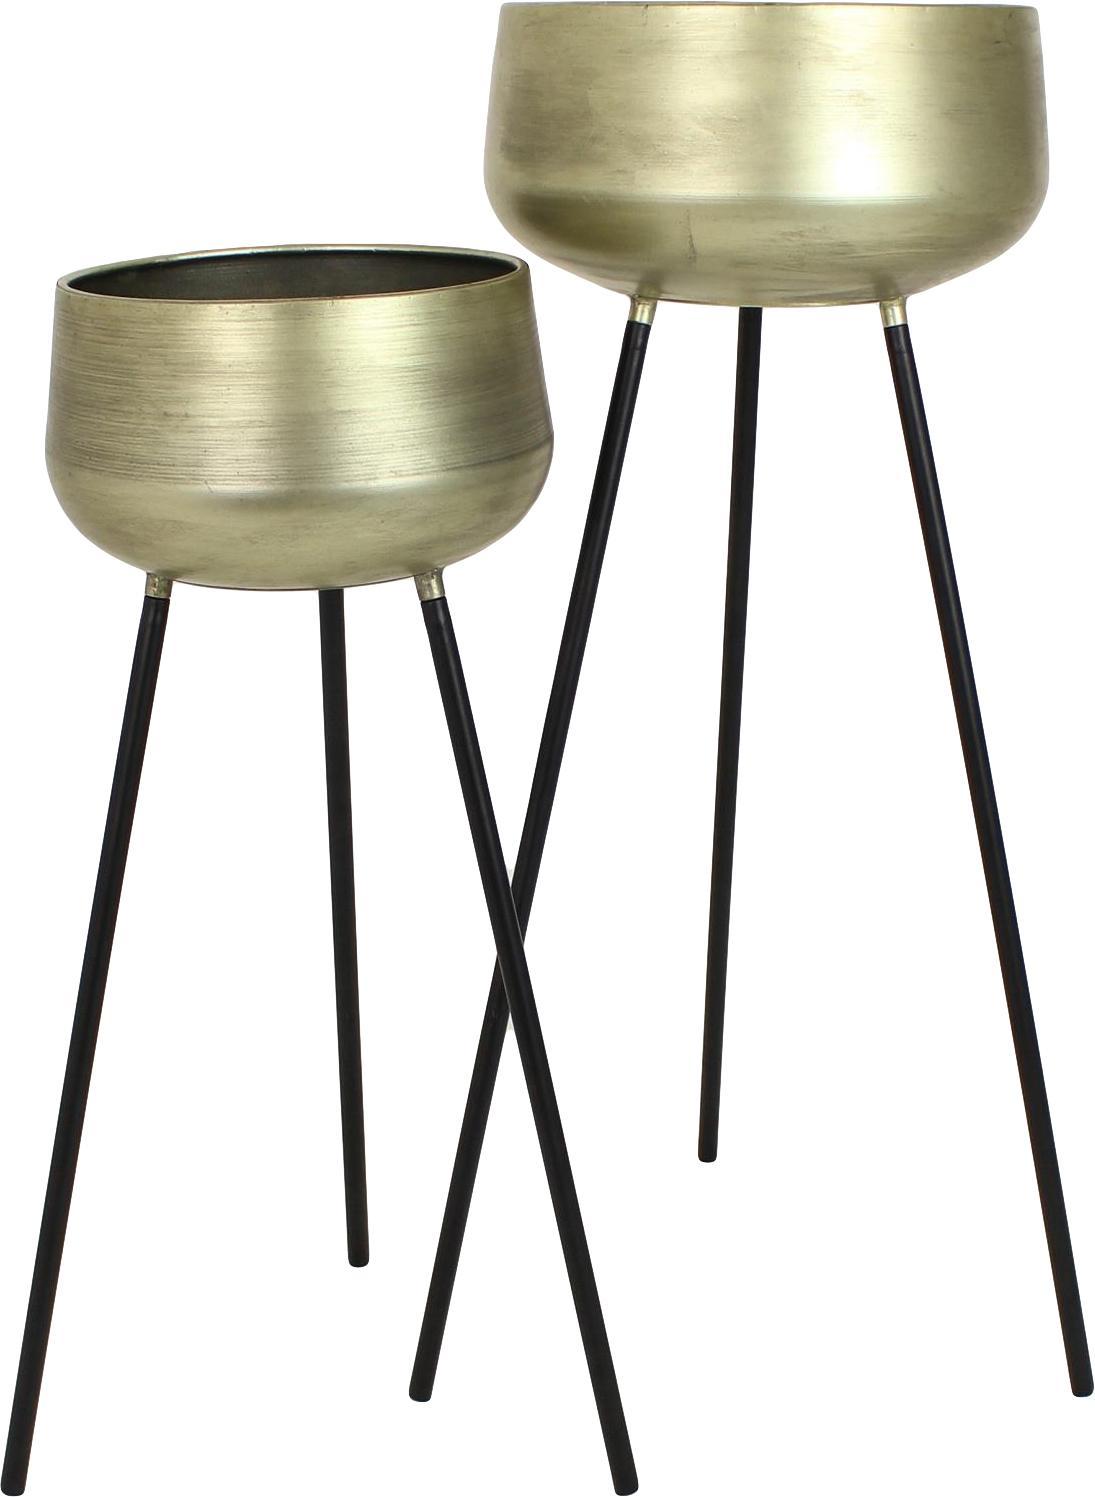 Übertopfe-Set Chimp, 2-tlg., Metall, beschichtet, Messingfarben, Schwarz, Verschiedene Grössen